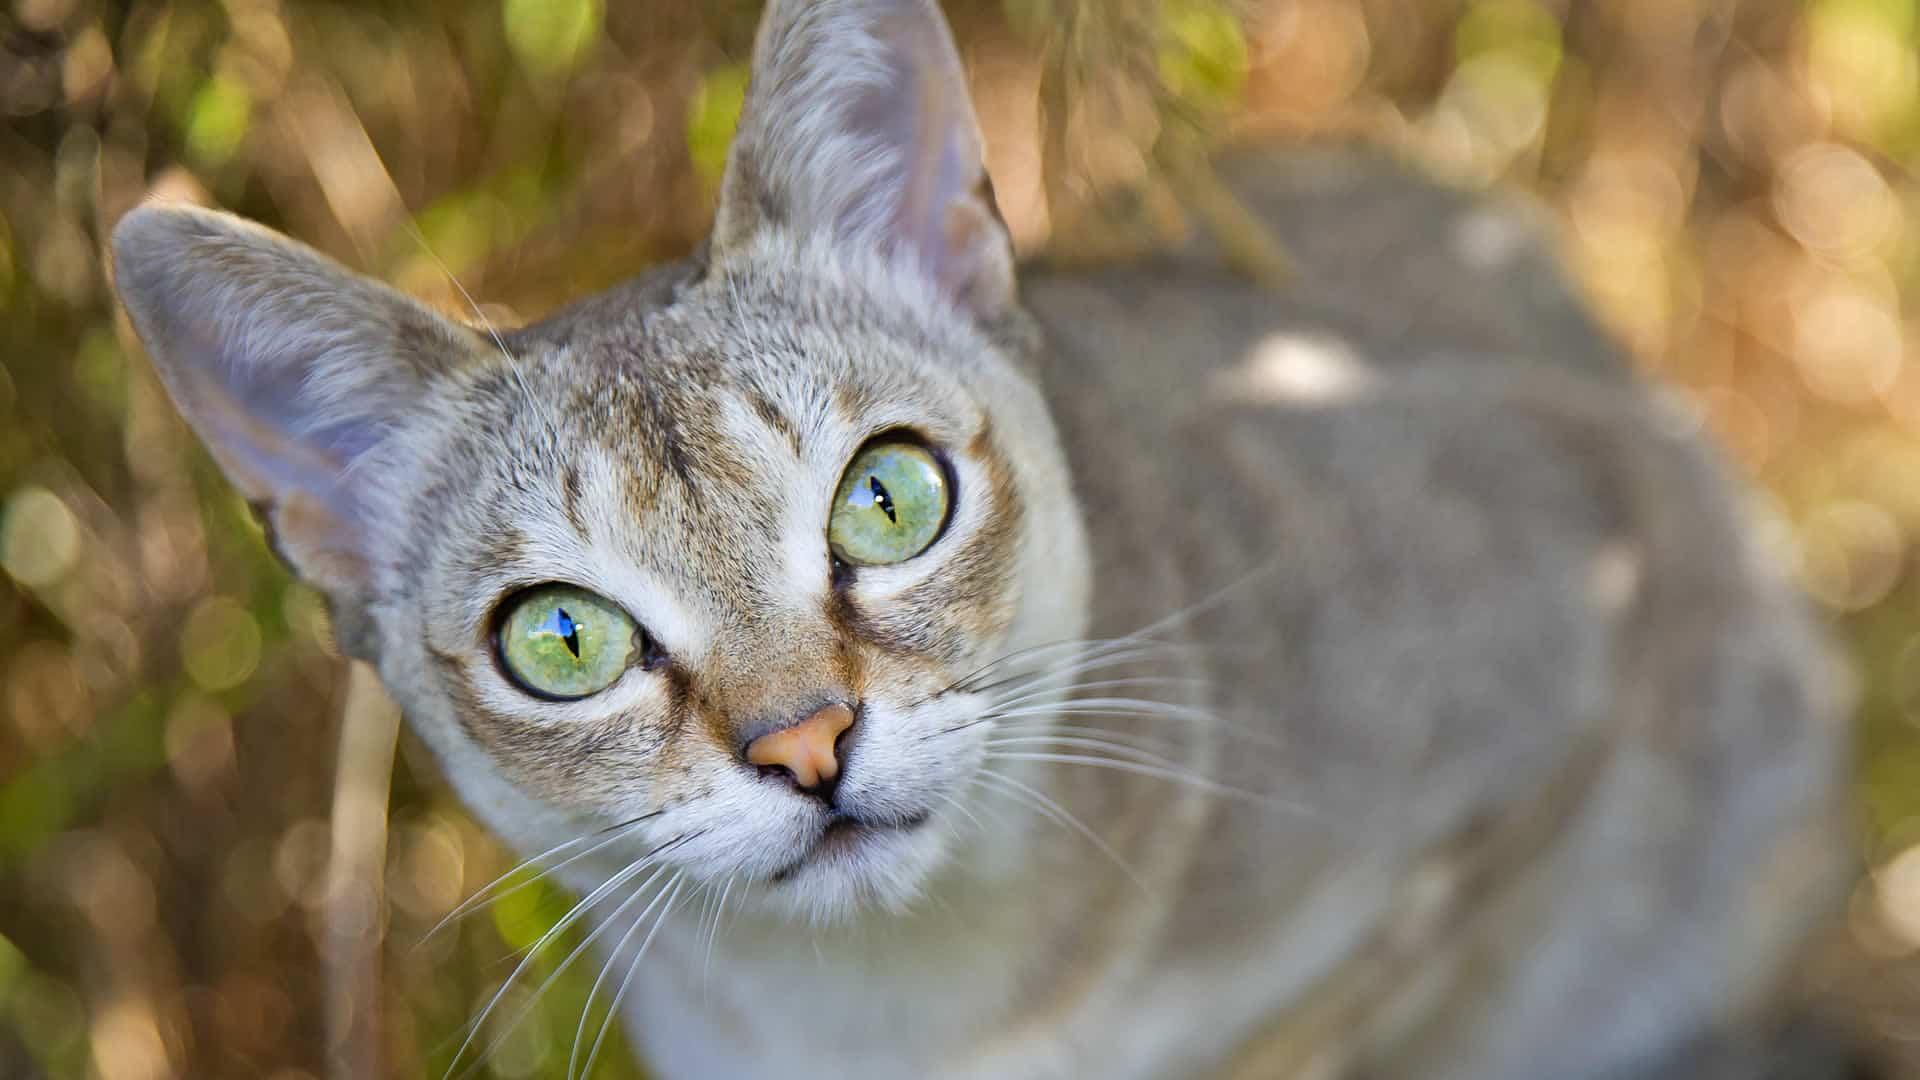 Many Singapura cats have yellow eyes